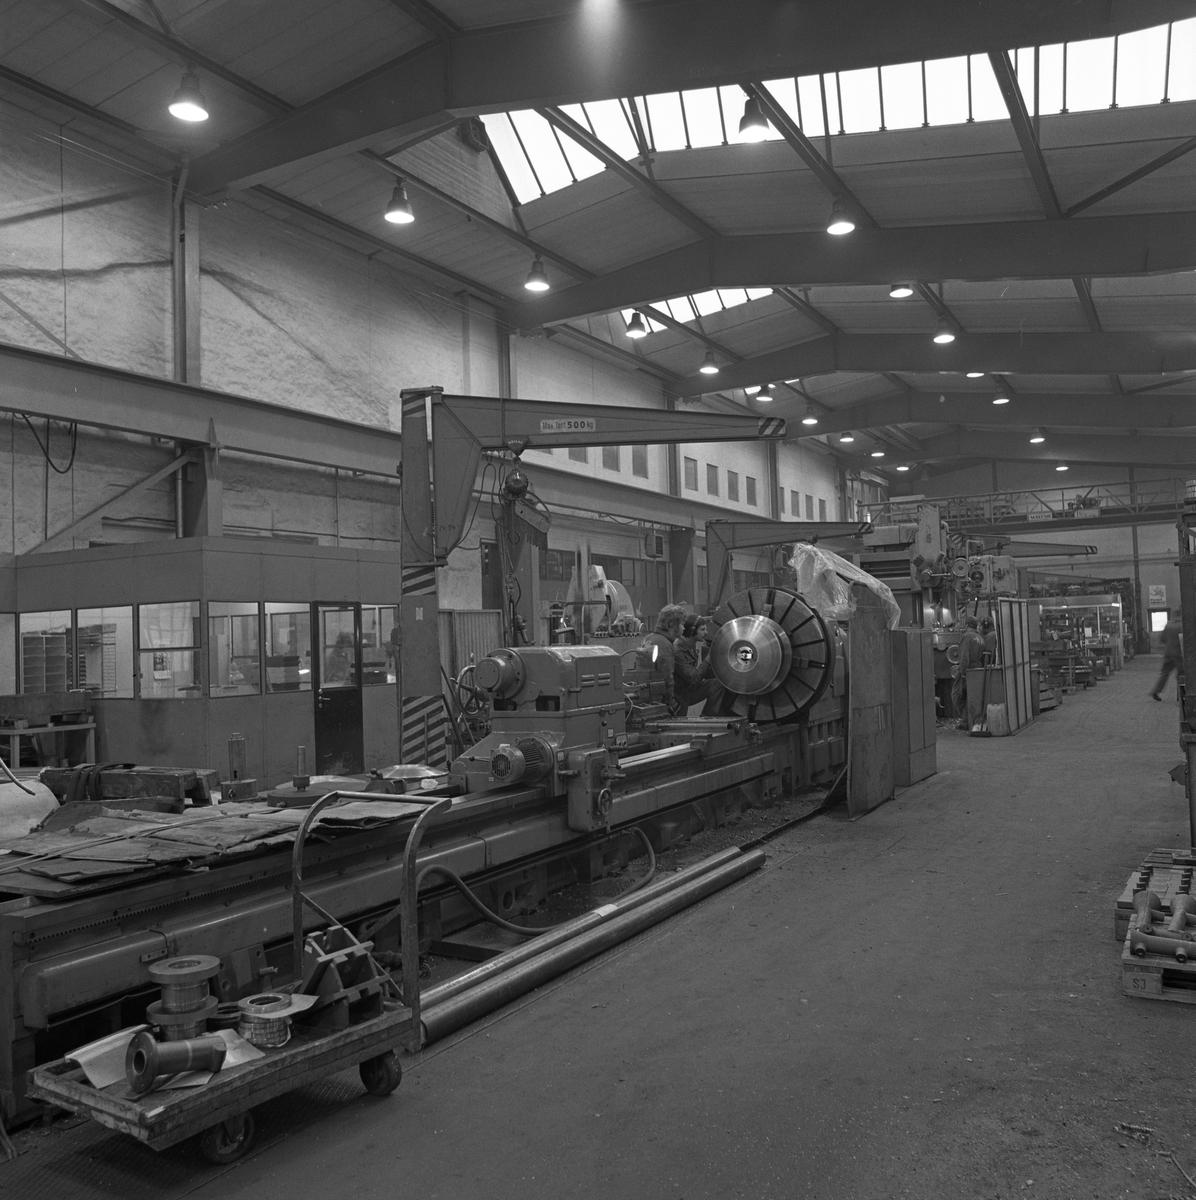 Arboga Mekaniska Verkstad, interiör. Fabrikslokal på Meken. Stora maskiner. Ett kontor syns till vänster i bild. 25 september 1856 fick AB Arboga Mekaniska Verkstad rättigheter att anlägga järngjuteri och mekanisk verkstad. Verksamheten startade 1858. Meken var först i landet med att installera en elektrisk motor för drift av verktygsmaskiner vid en taktransmission (1887).  Gjuteriet lades ner 1967. Den mekaniska verkstaden lades ner på 1980-talet. Läs om Meken i Hembygdsföreningen Arboga Minnes årsbok från 1982.